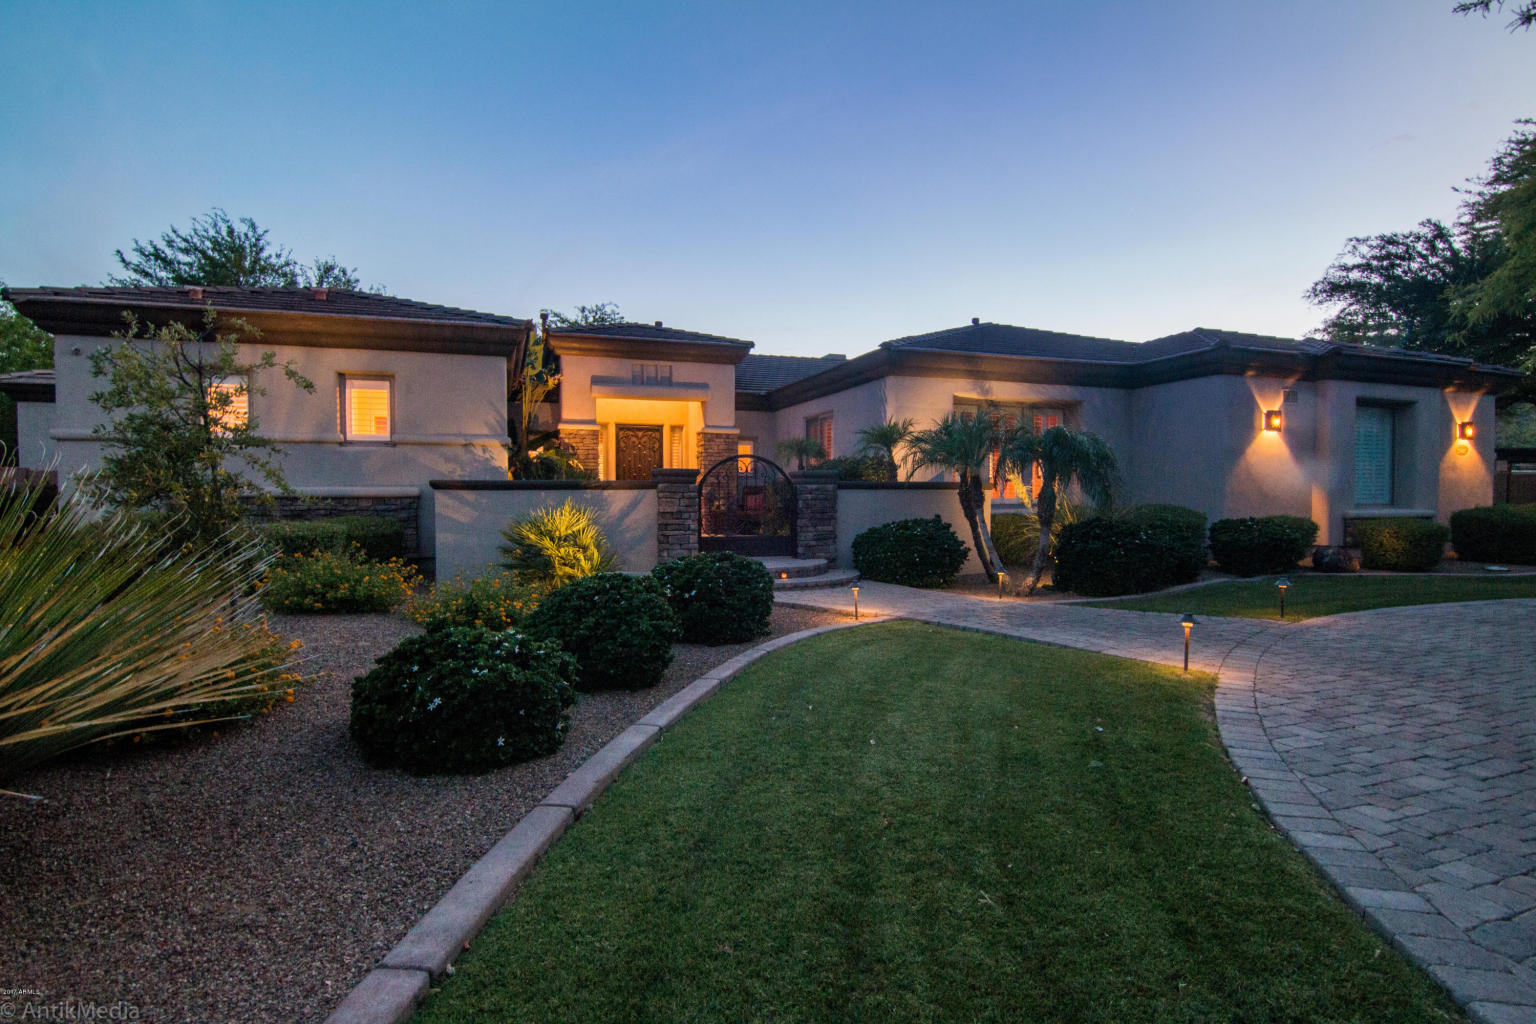 Maison unifamiliale pour l Vente à Gorgeous Home 25402 N 46th Ln Phoenix, Arizona, 85083 États-Unis